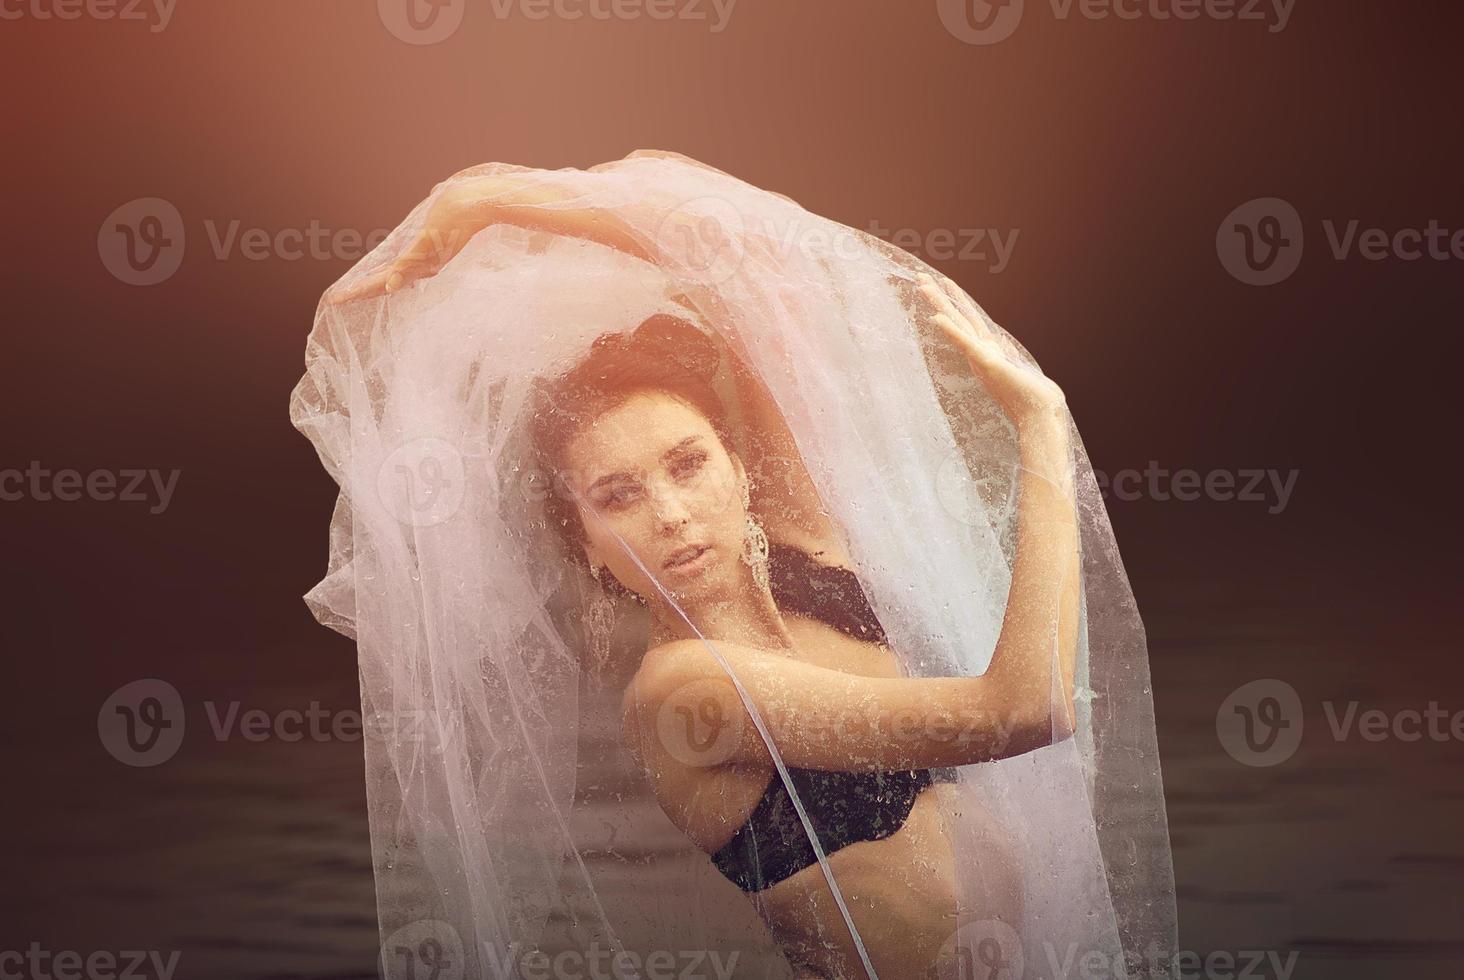 mystisk och modeporträtt av sensuell kvinna med slöbeläggning foto